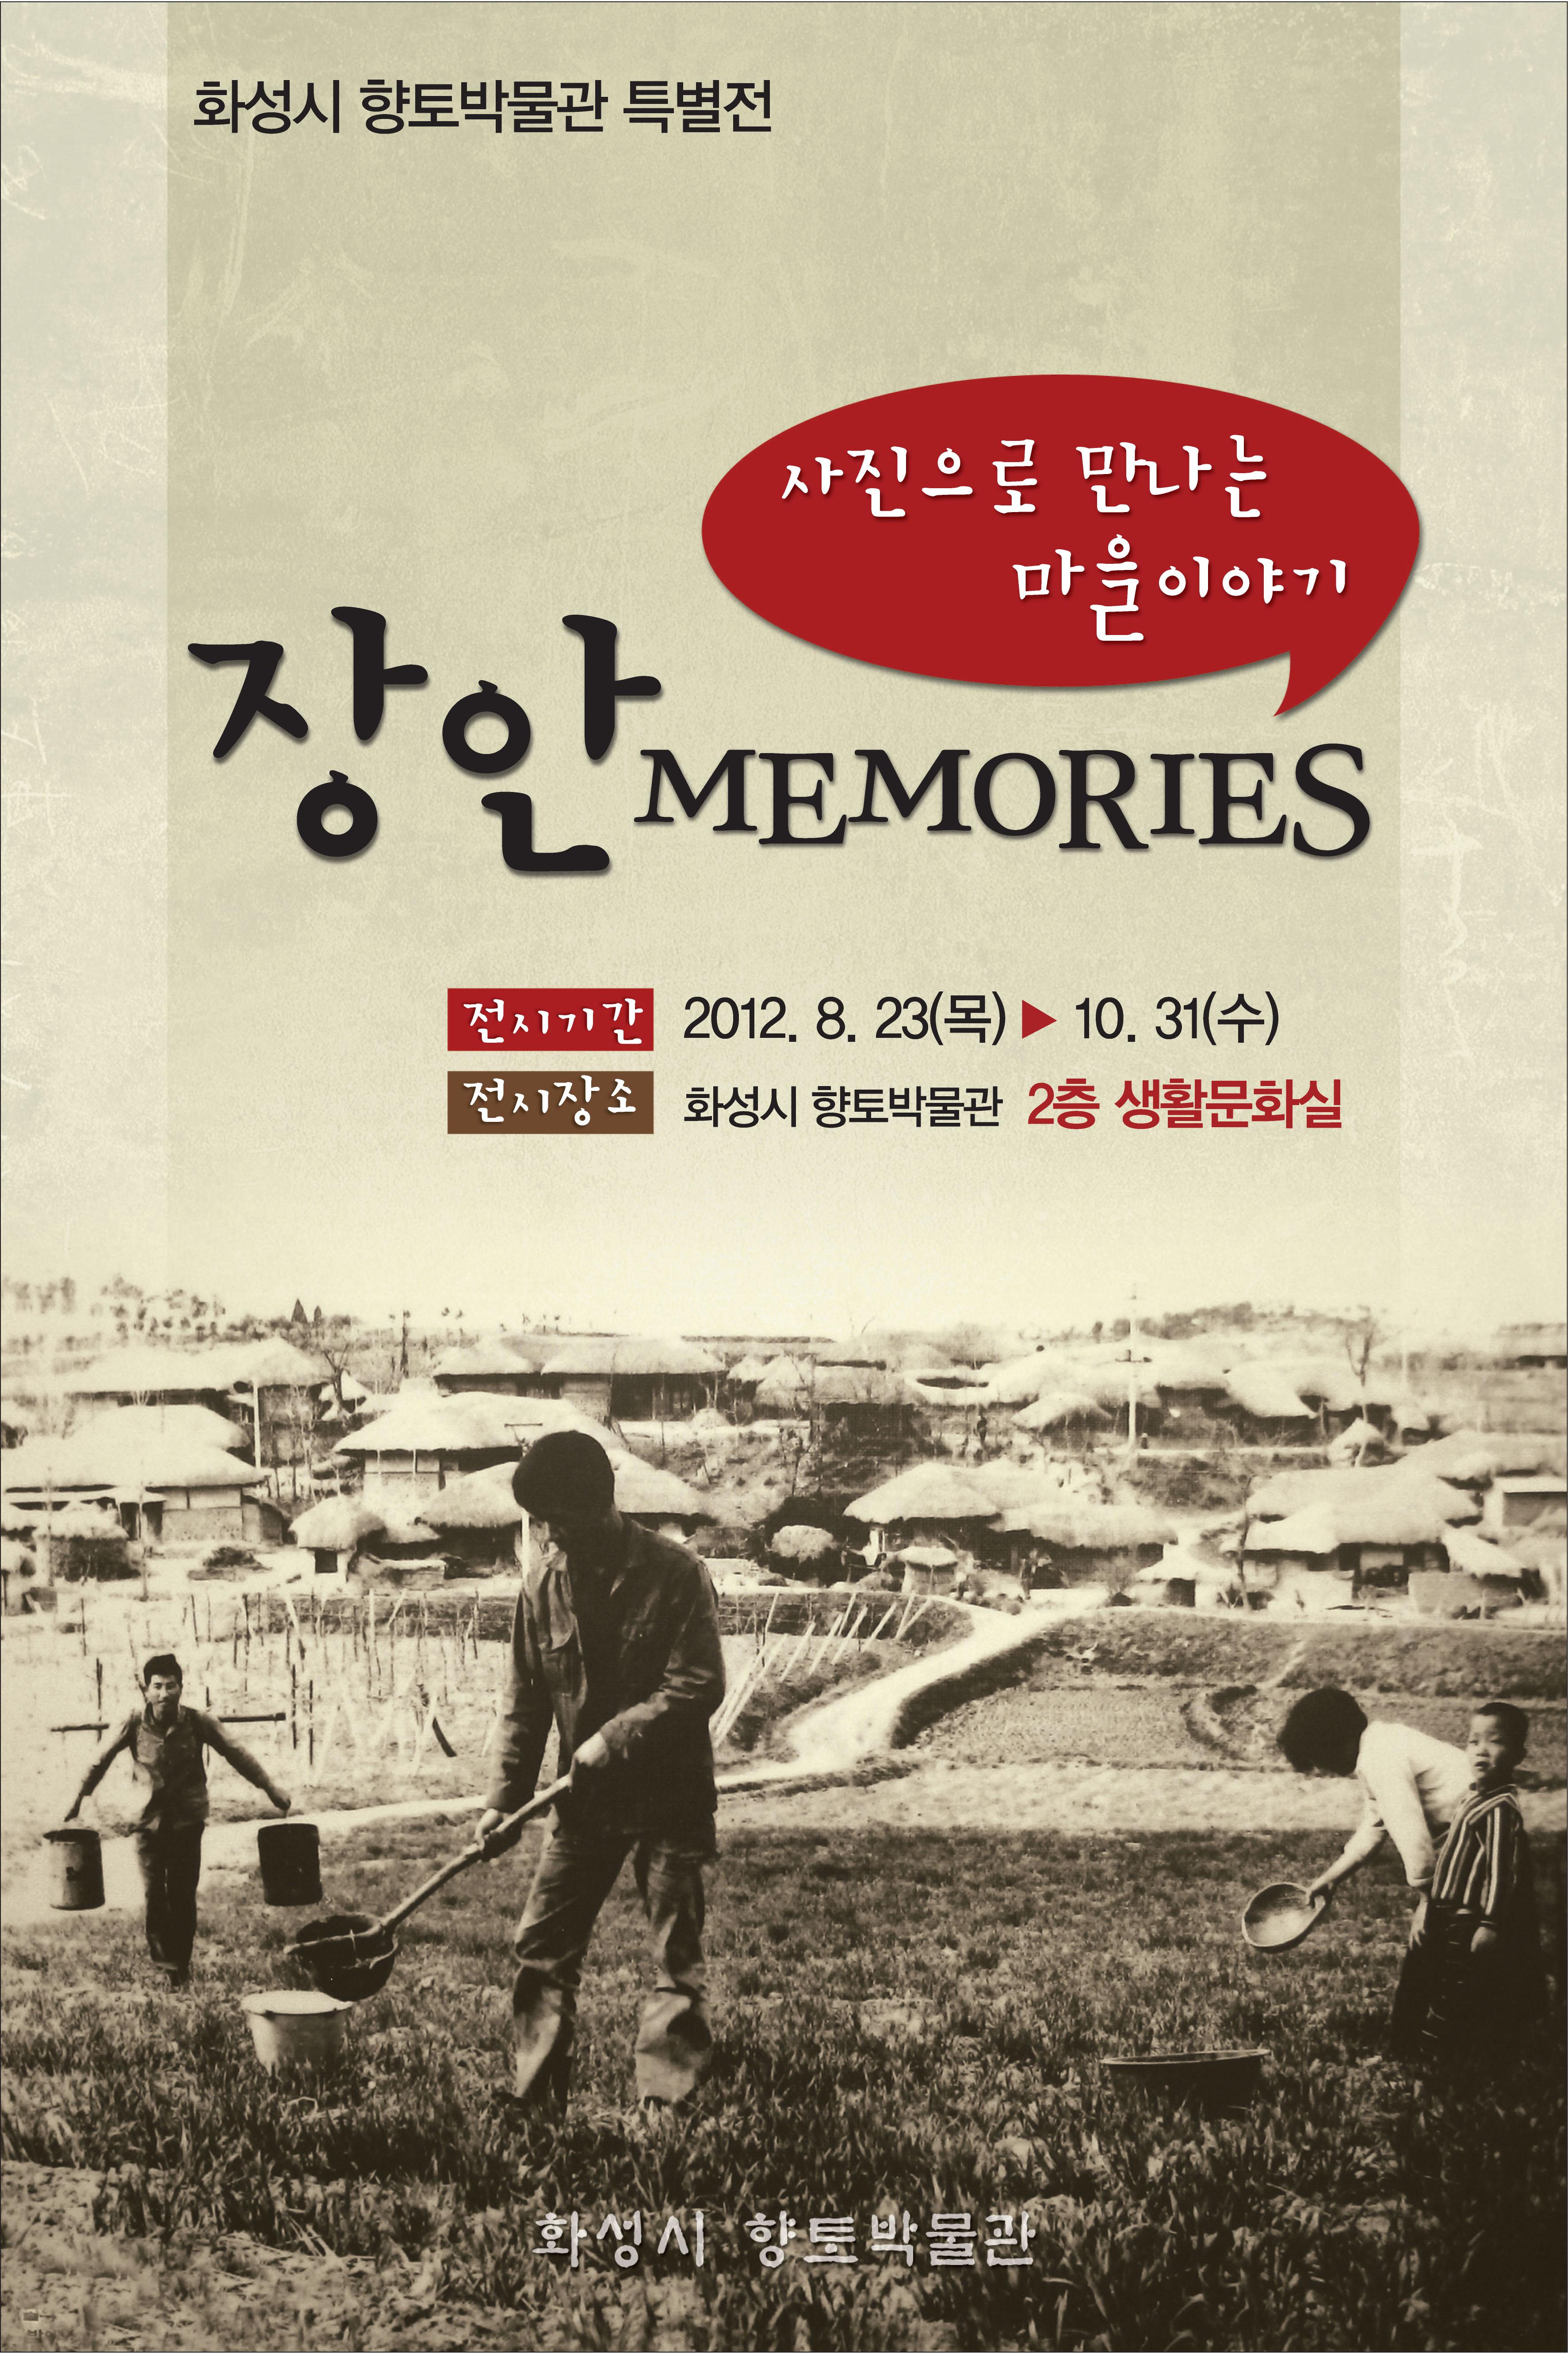 사진으로 만나는 마을이야기 - 장안 MEMORIES